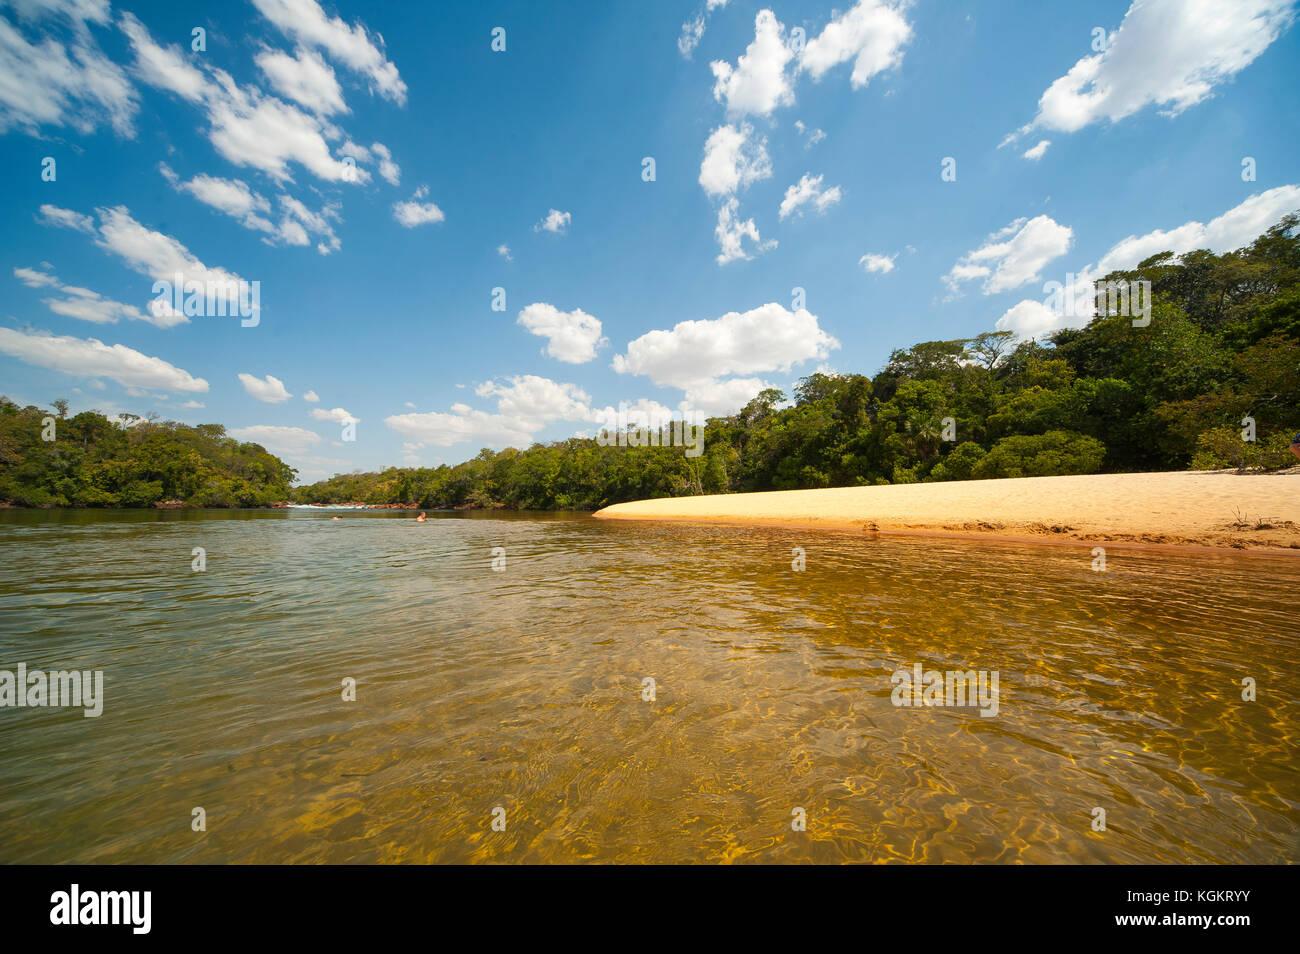 Prainha do Rio Novo, Jalapão Estadual Park, Tocantins, Brazil - Stock Image